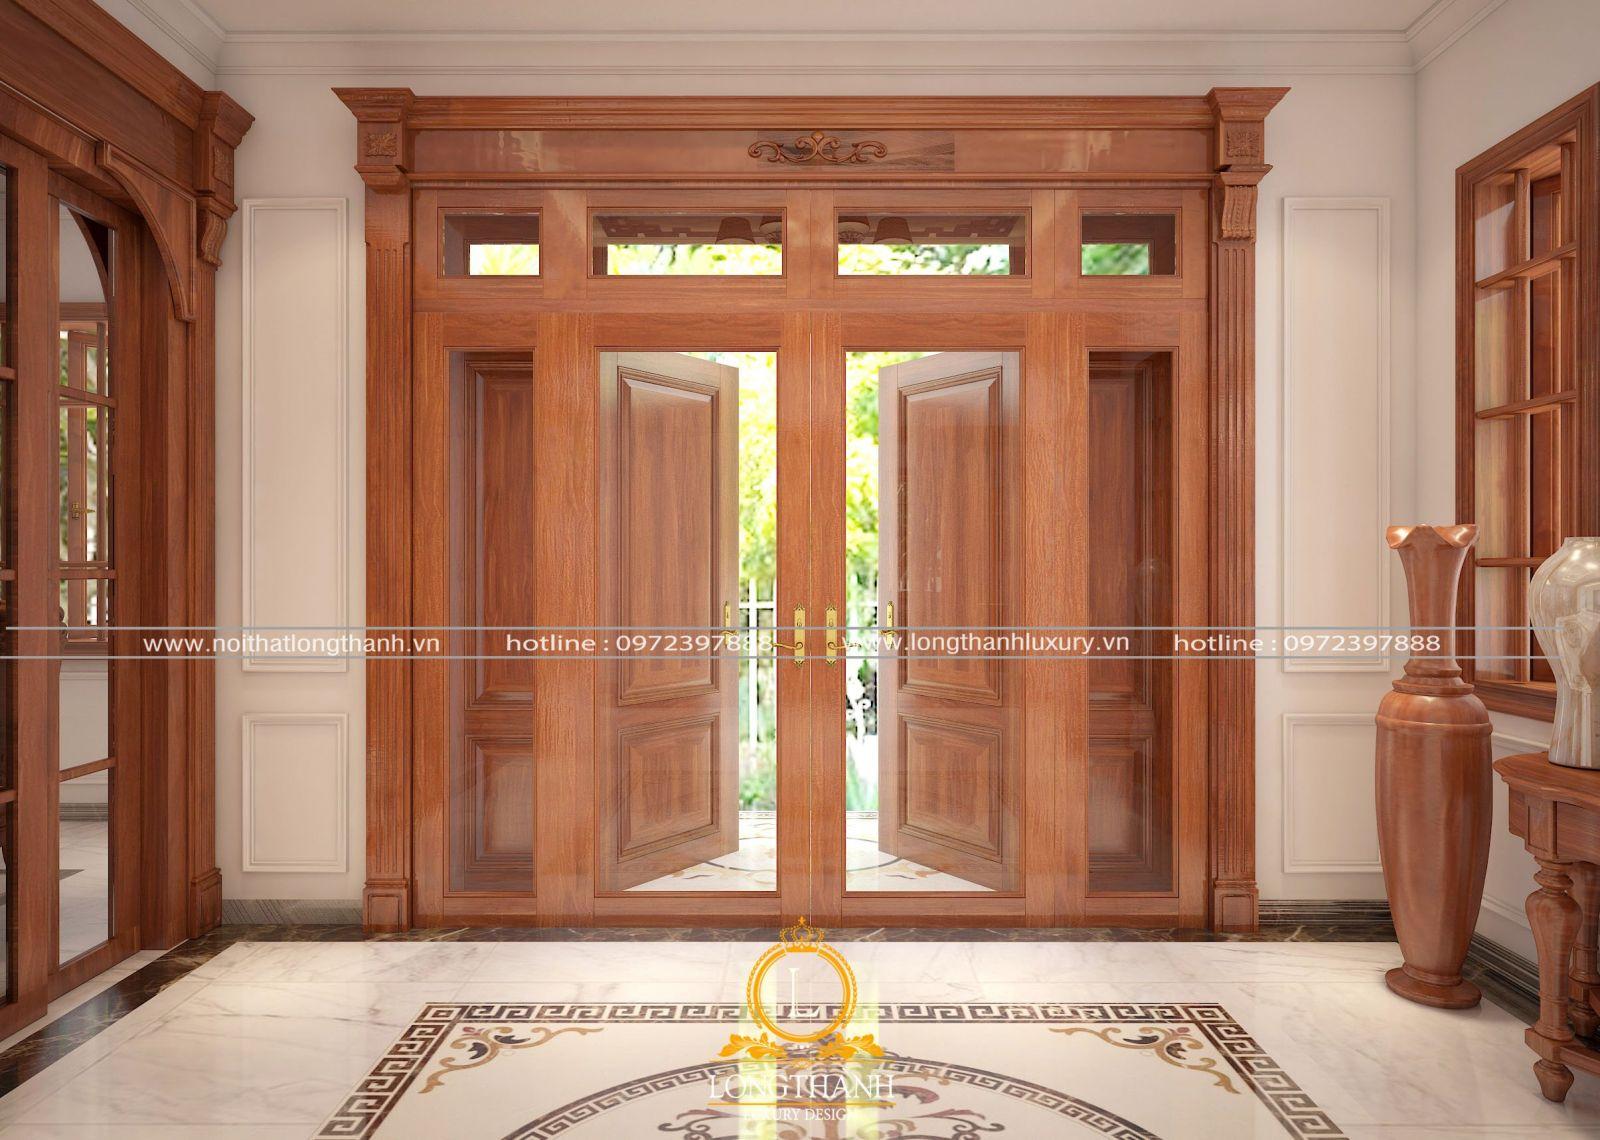 Thiết kế cửa gỗ tự nhiên hiện đại cho phòng ngủ thay cho các loại cửa gỗ xưa